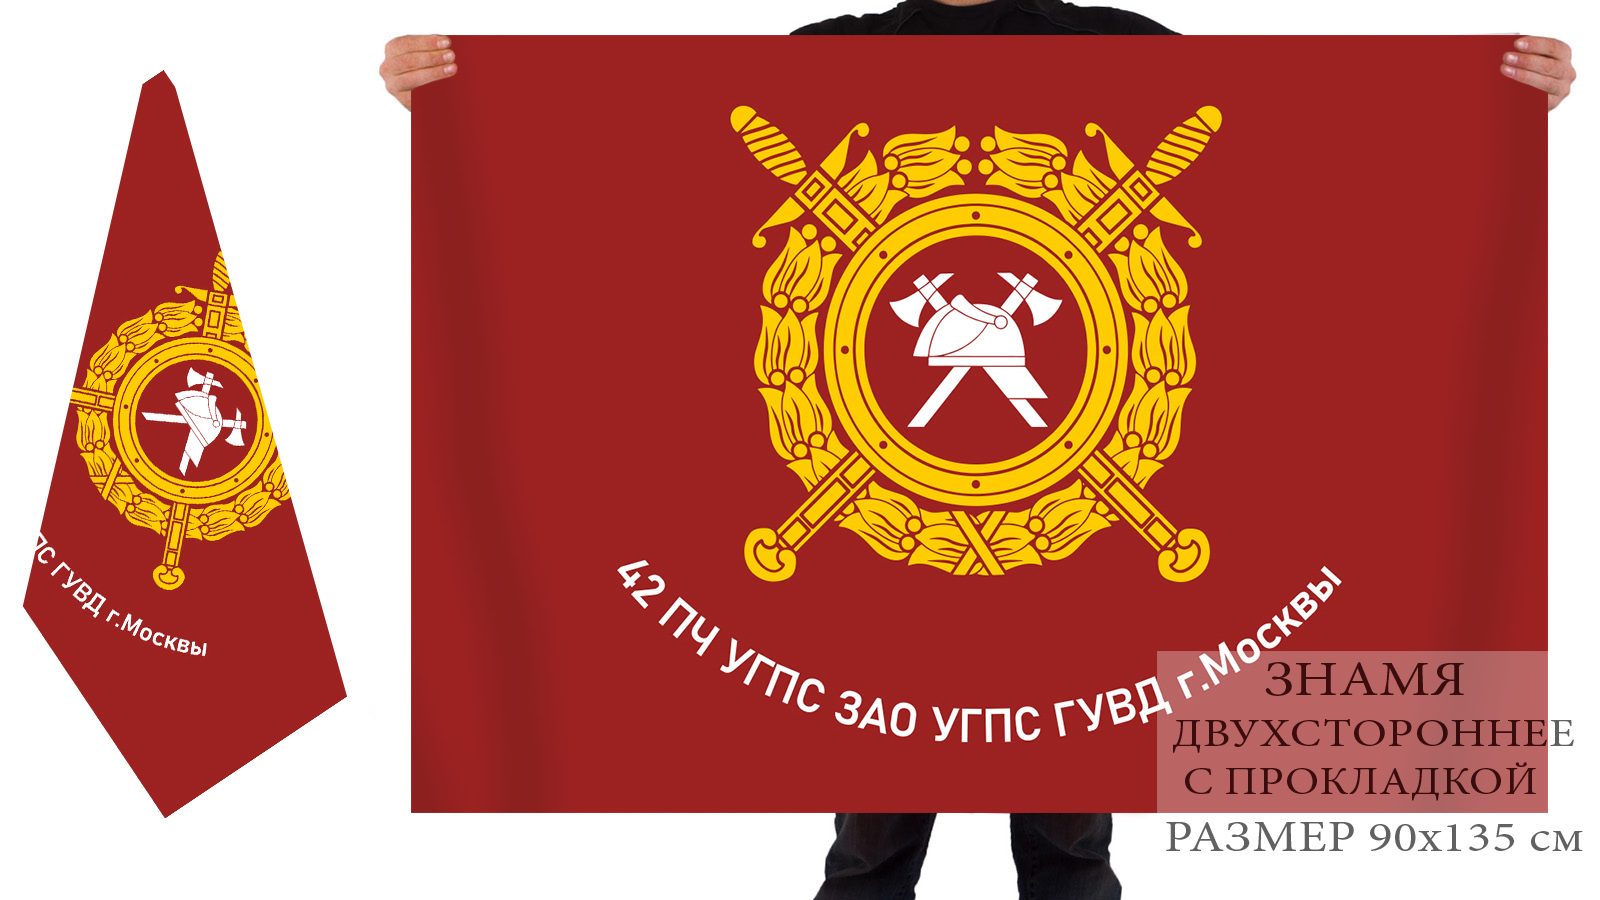 Двусторонний флаг 42 пожарной части УГПС Москвы